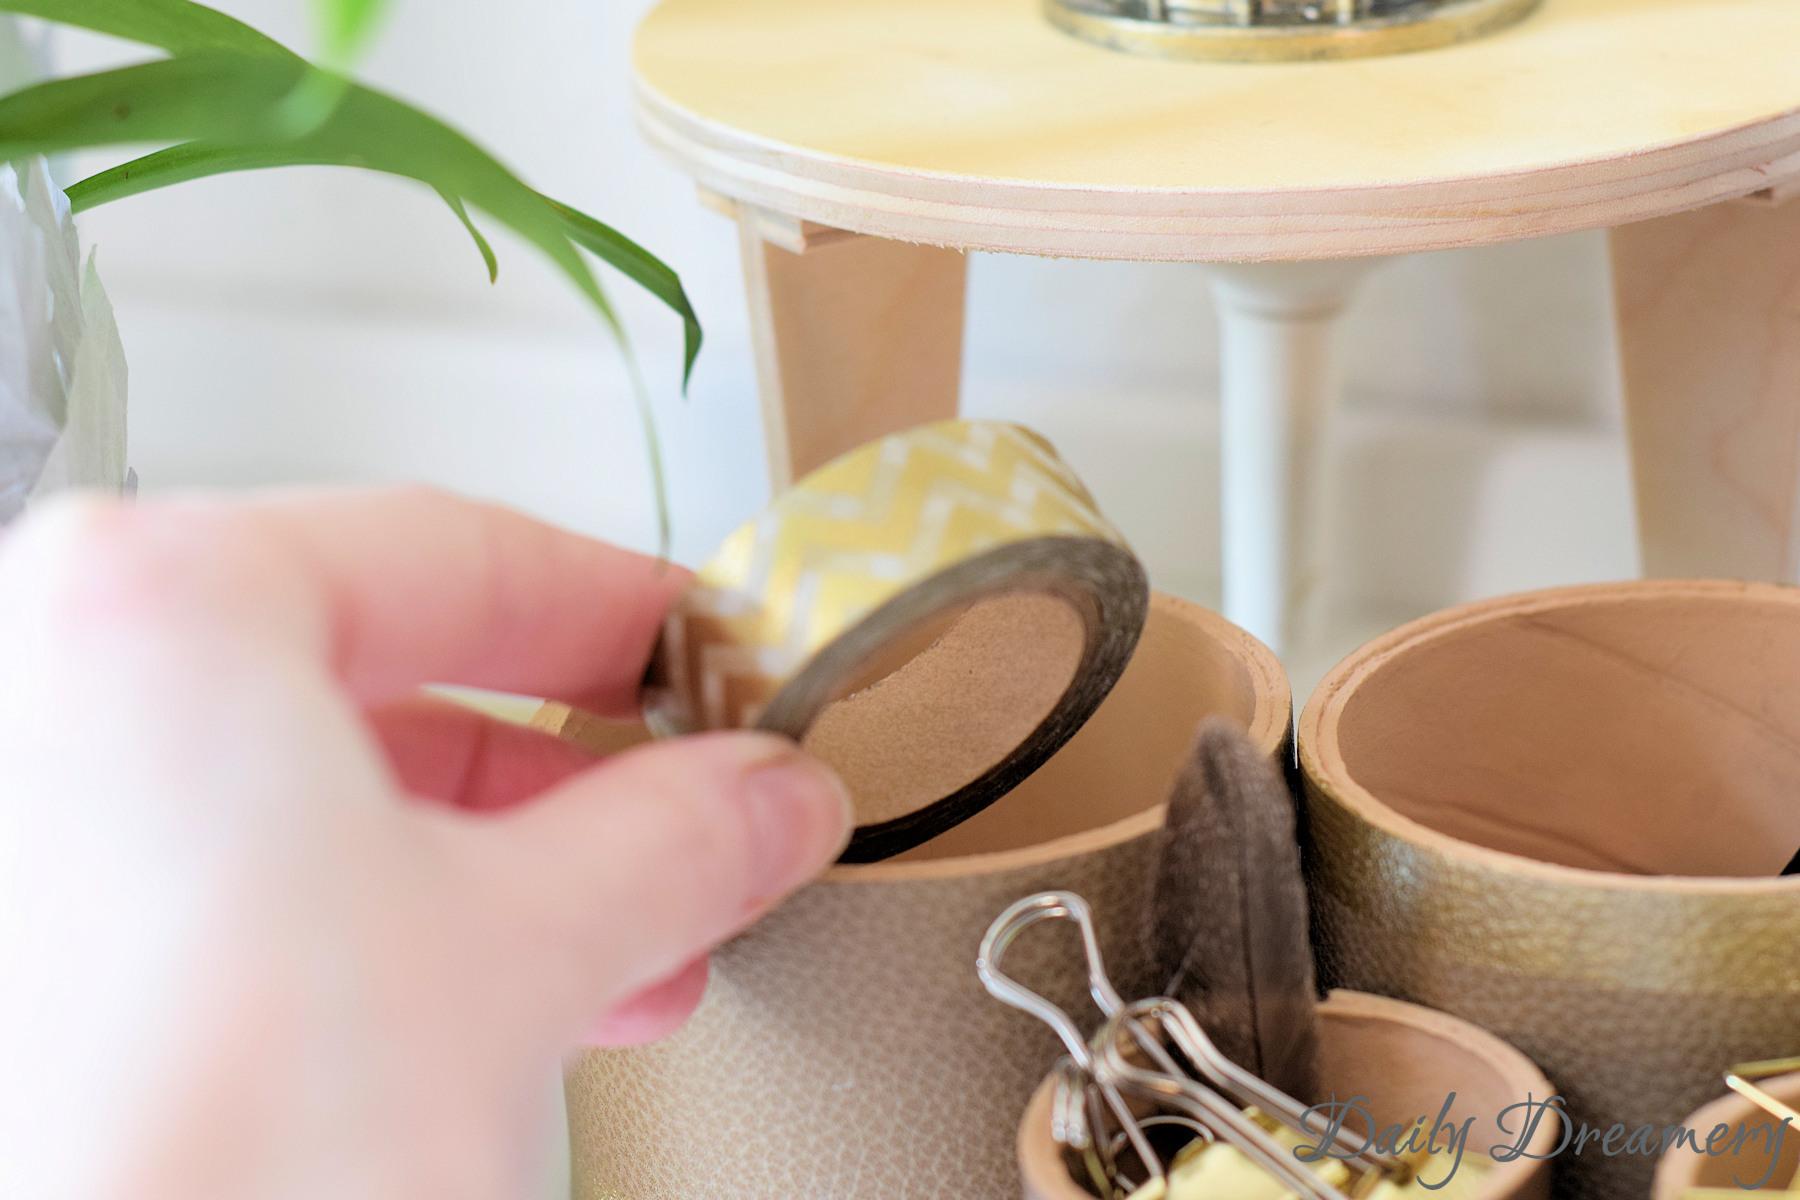 edles Schreibtisch-Utensilo mit Leder und Gold